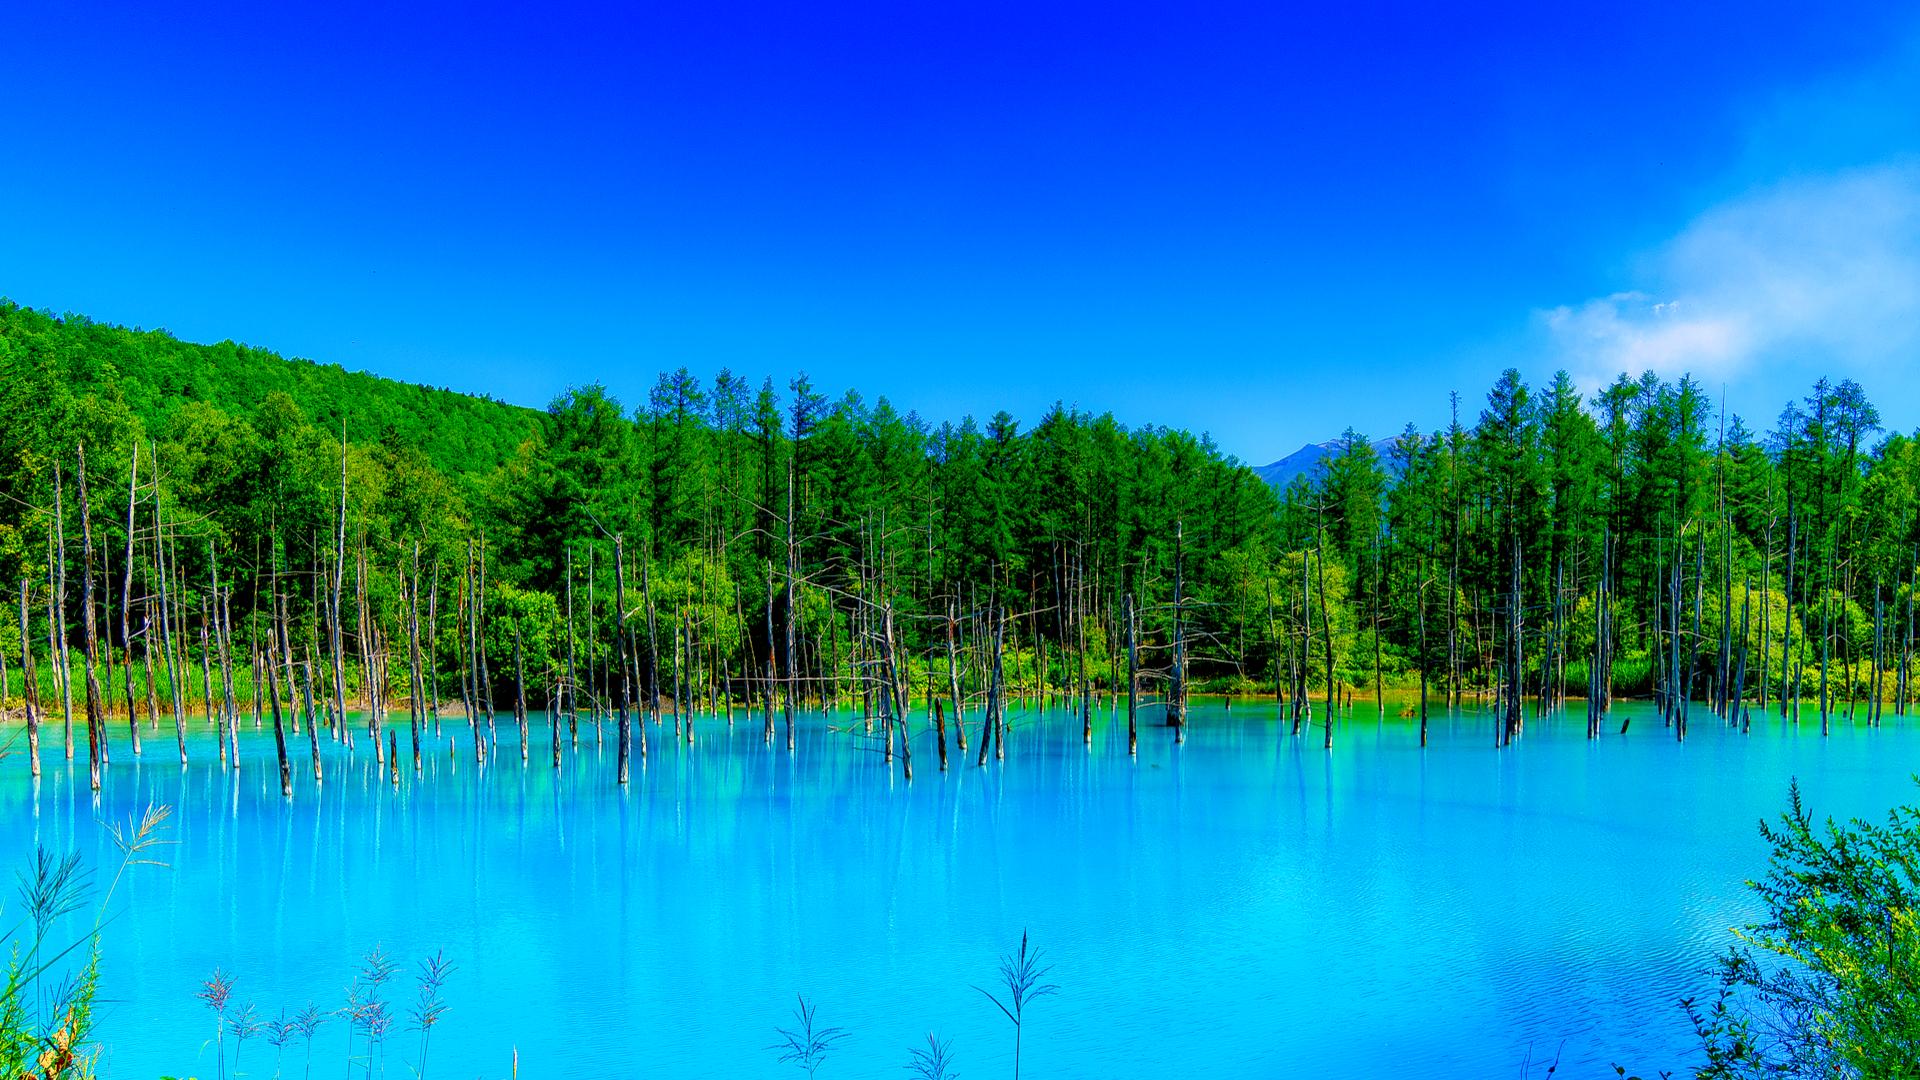 限りなく美しいブルー。北海道・美瑛「青い池」、その魅力とは - TRiP EDiTOR